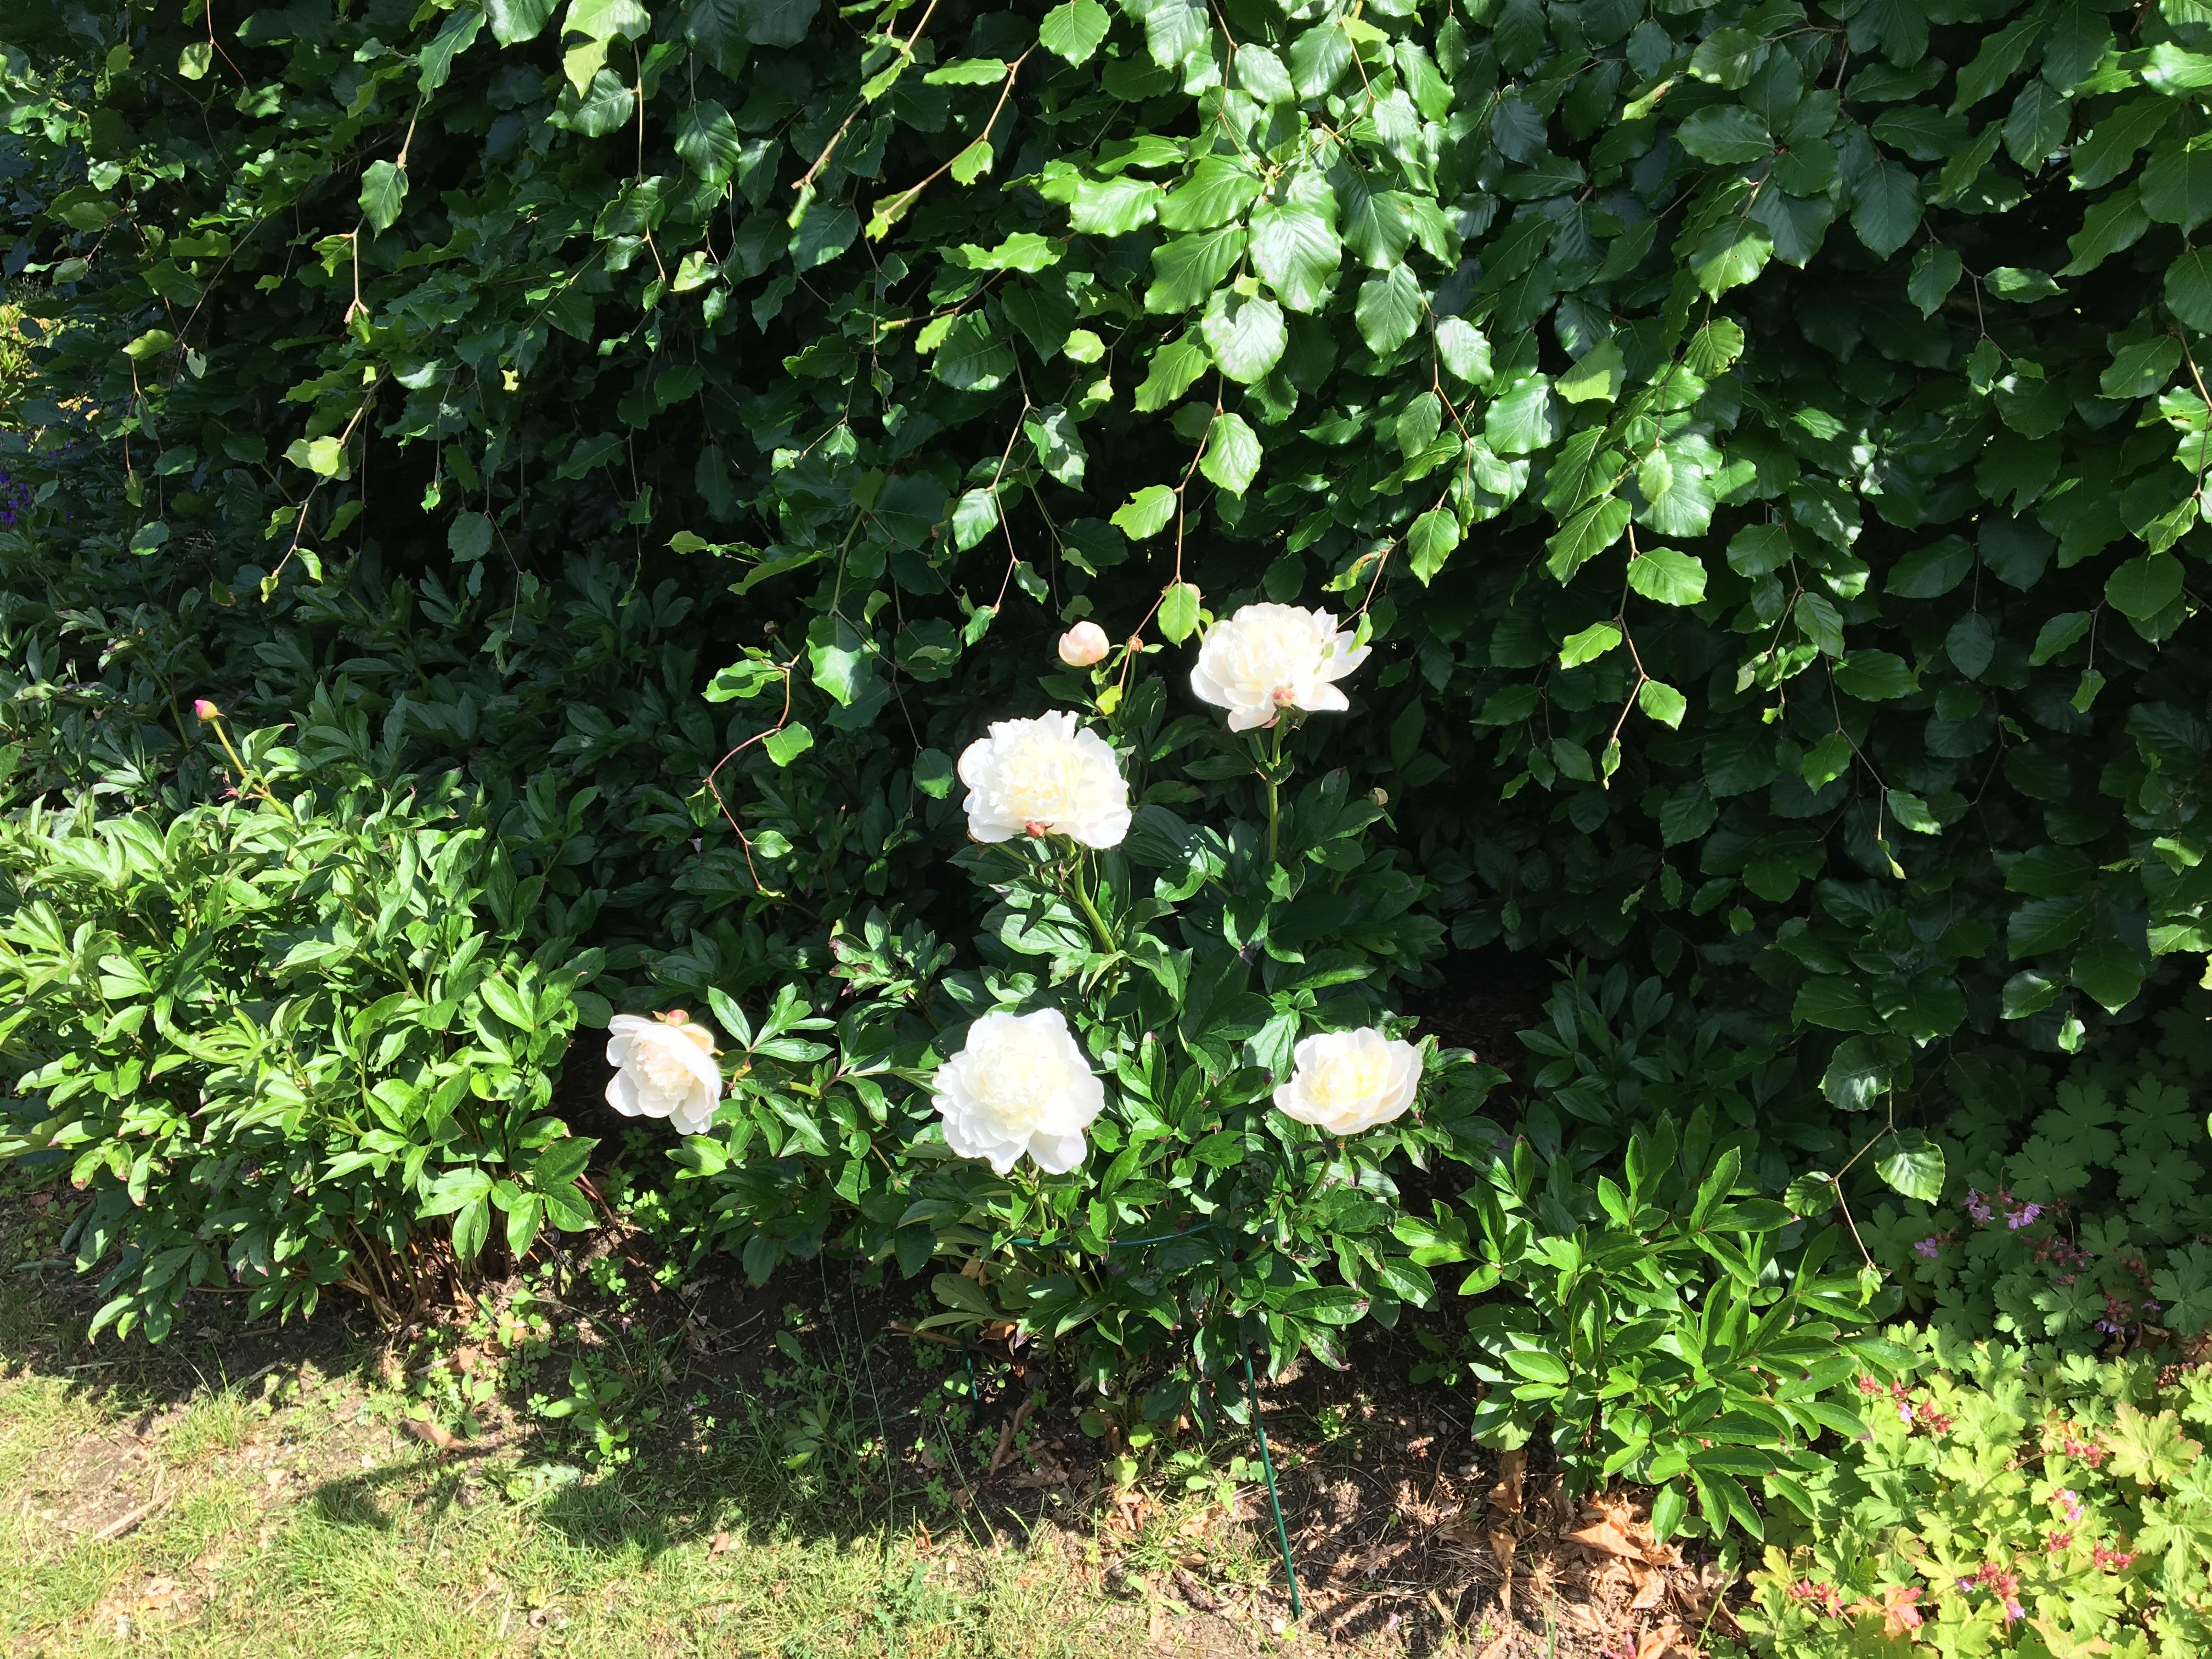 Friske billeder fra haven